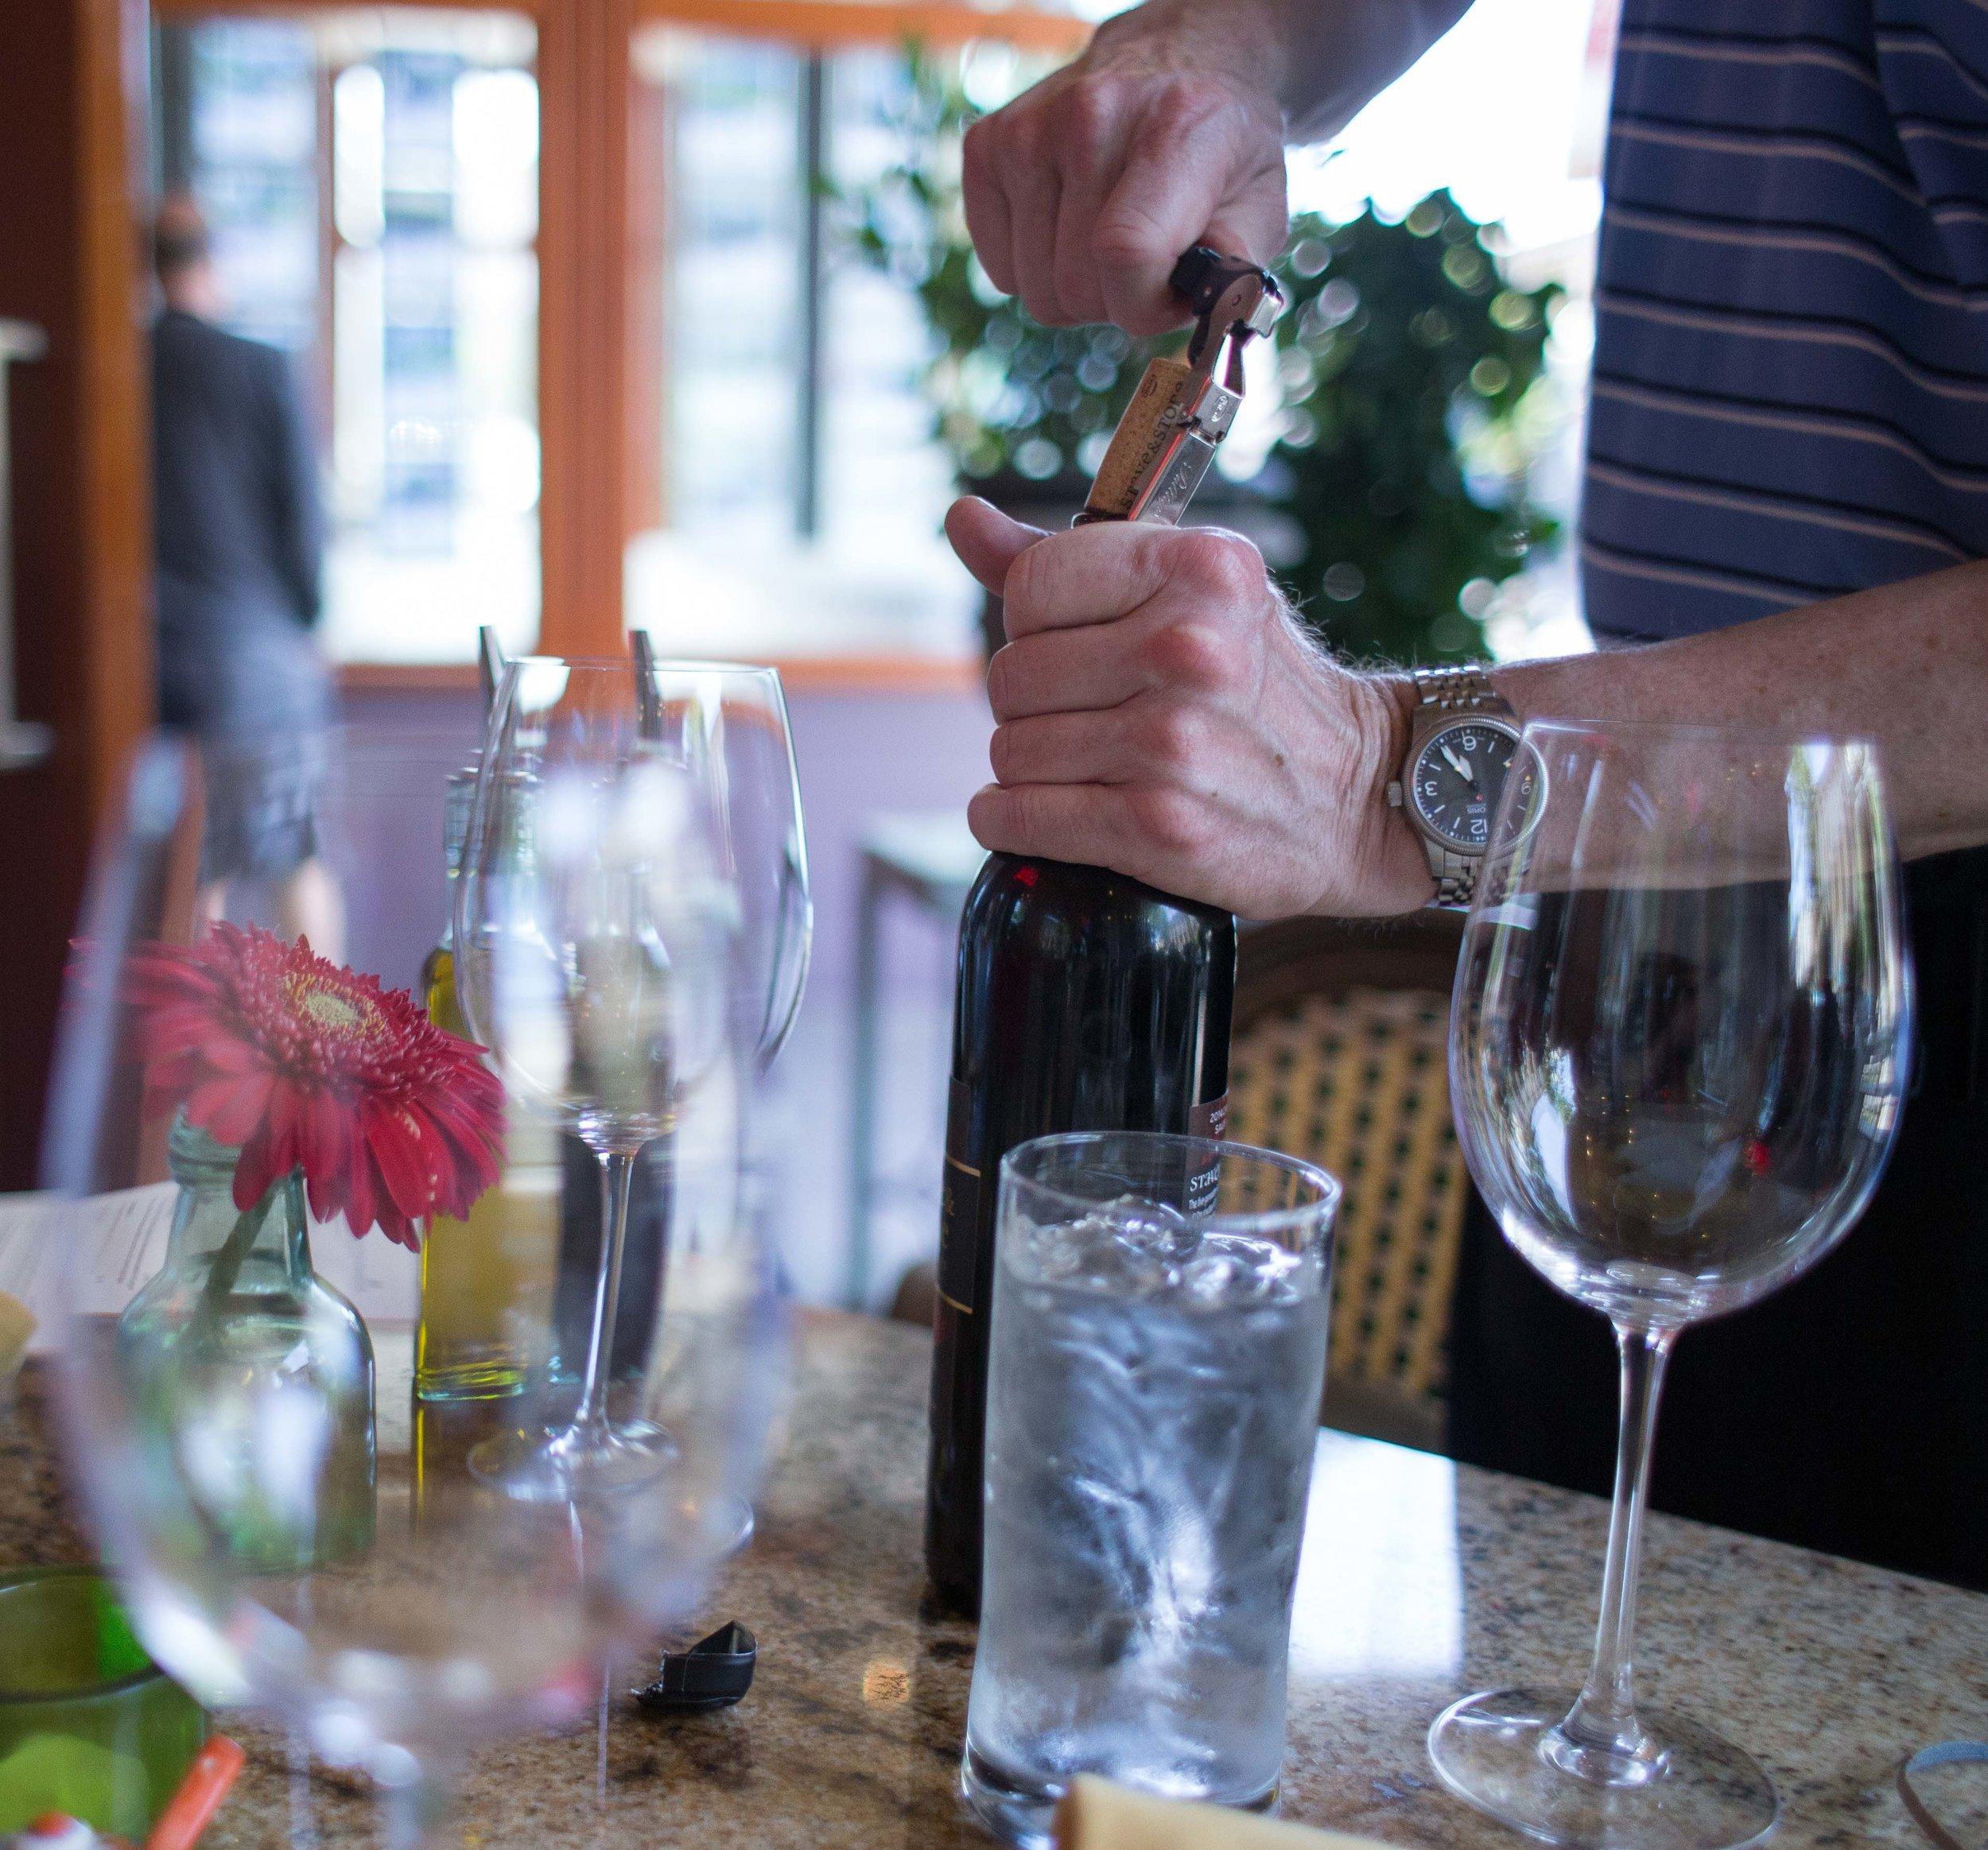 Hood River Wine Alliance Wine Walk  Columbia Gorge Downtown Tasting Rooms Wineries Drink Taste Explore-92.jpg